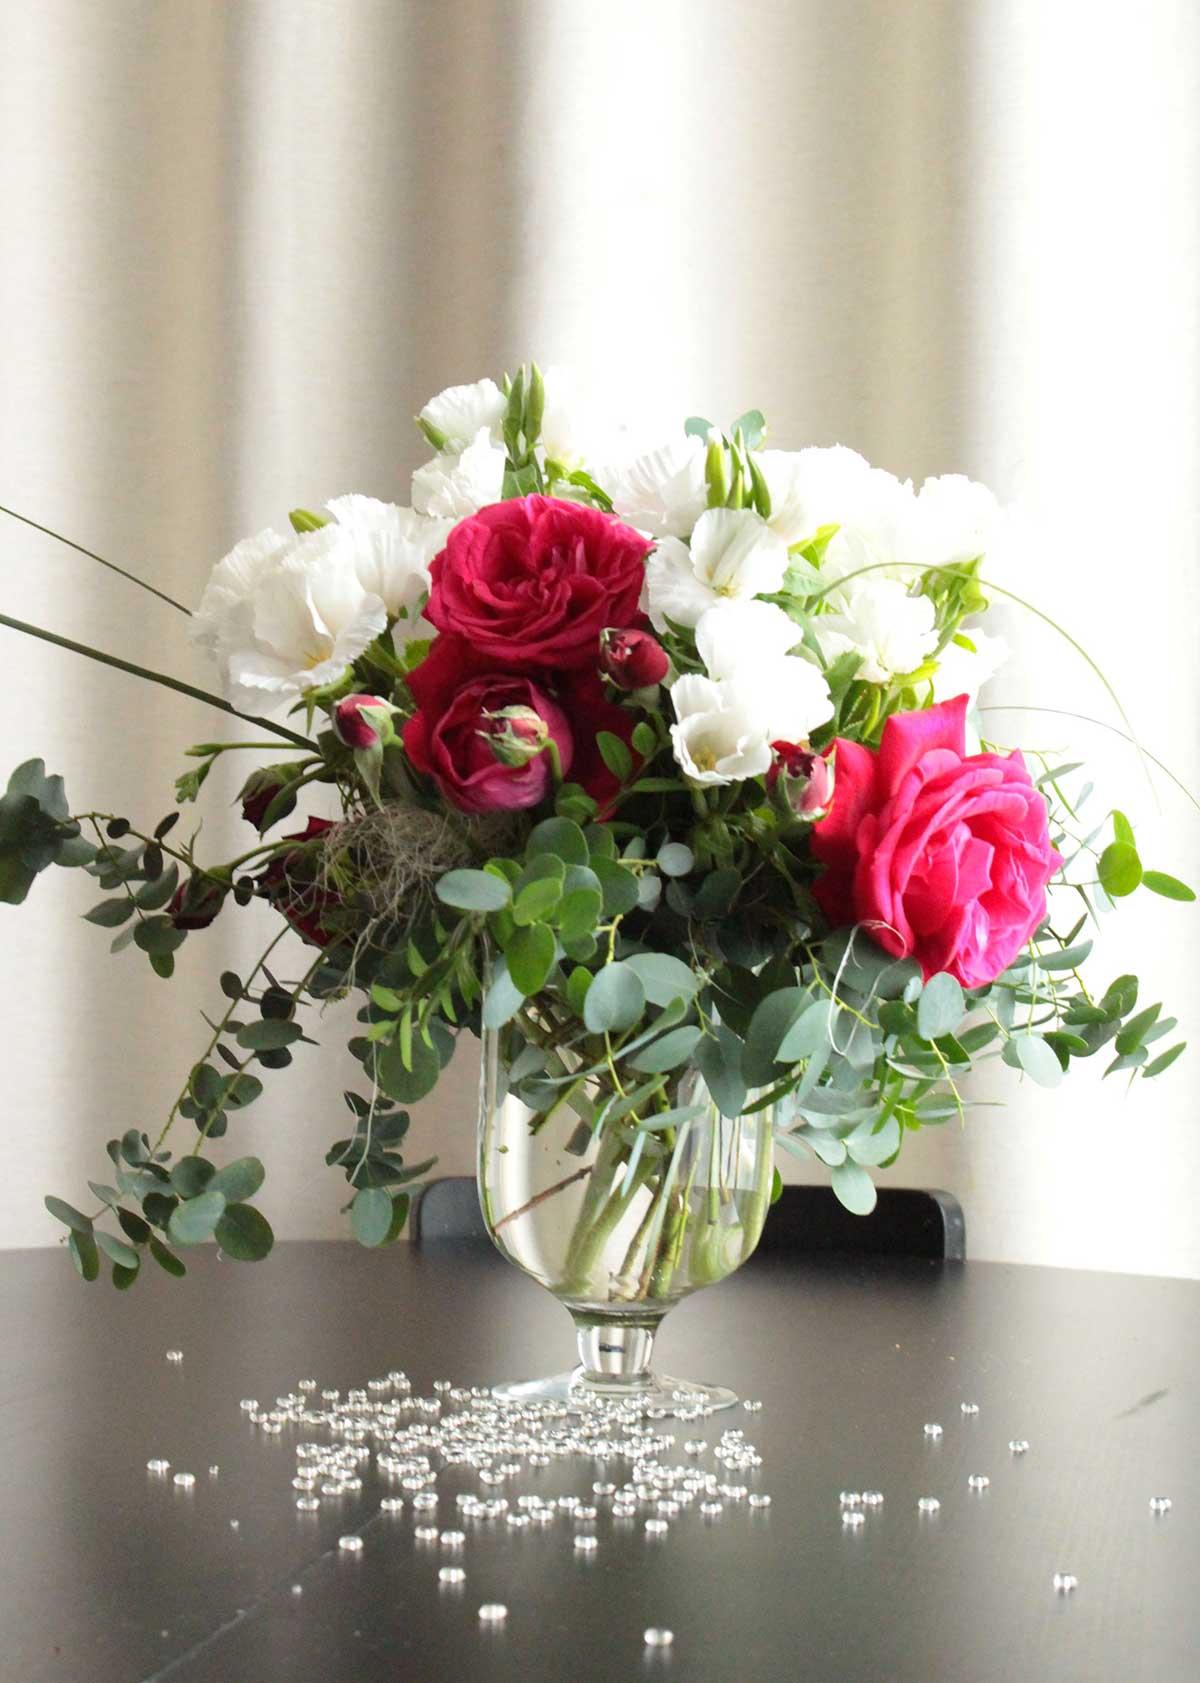 bouquet-vase-sur-table-hotel